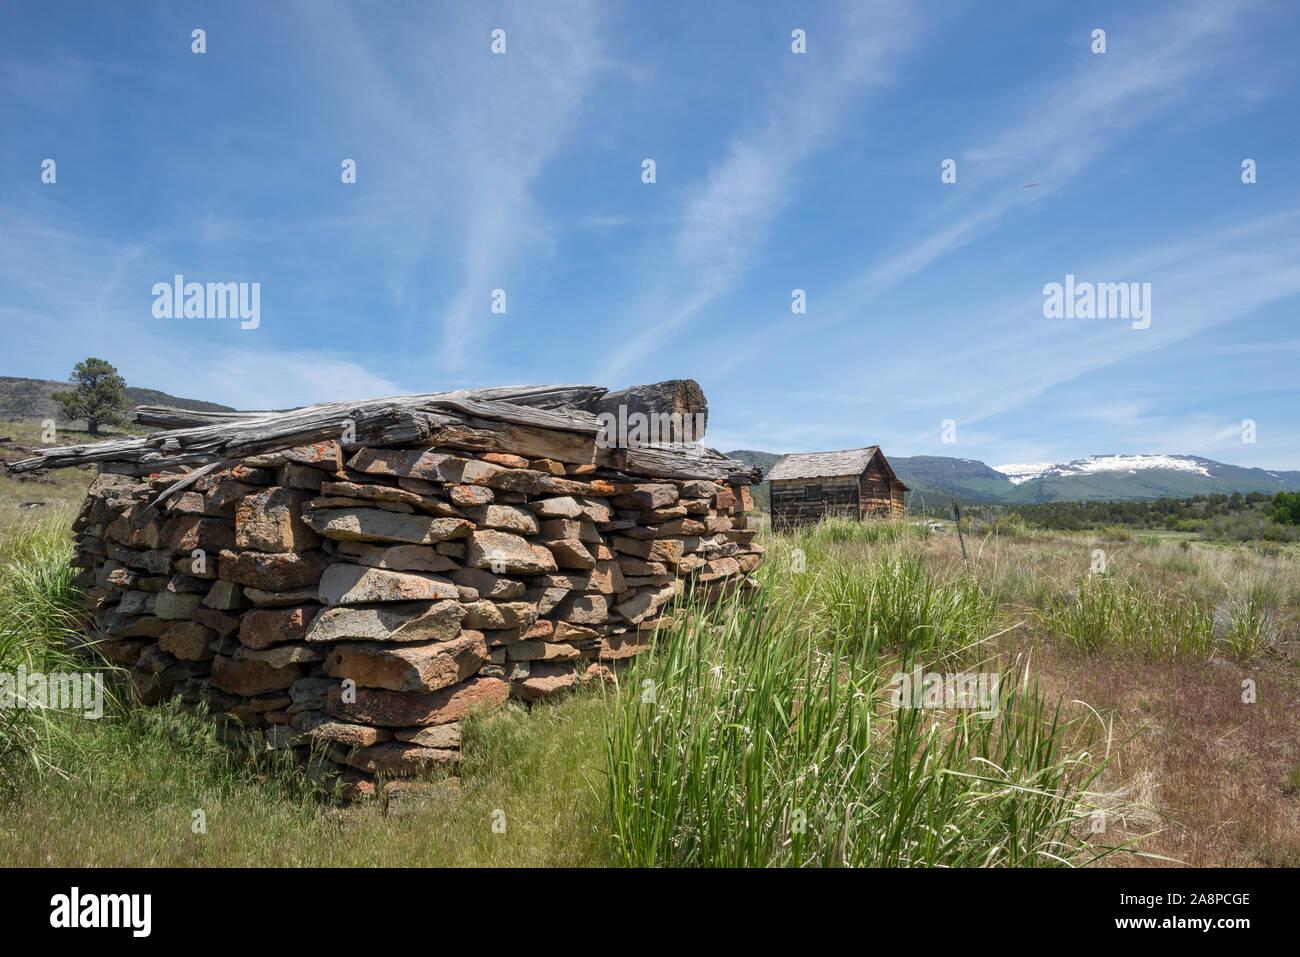 Ben Riddle Cabaña y piedra en el histórico edificio de almacenamiento Riddle Hermanos Ranch, Steens Mountain, Oregon. Foto de stock